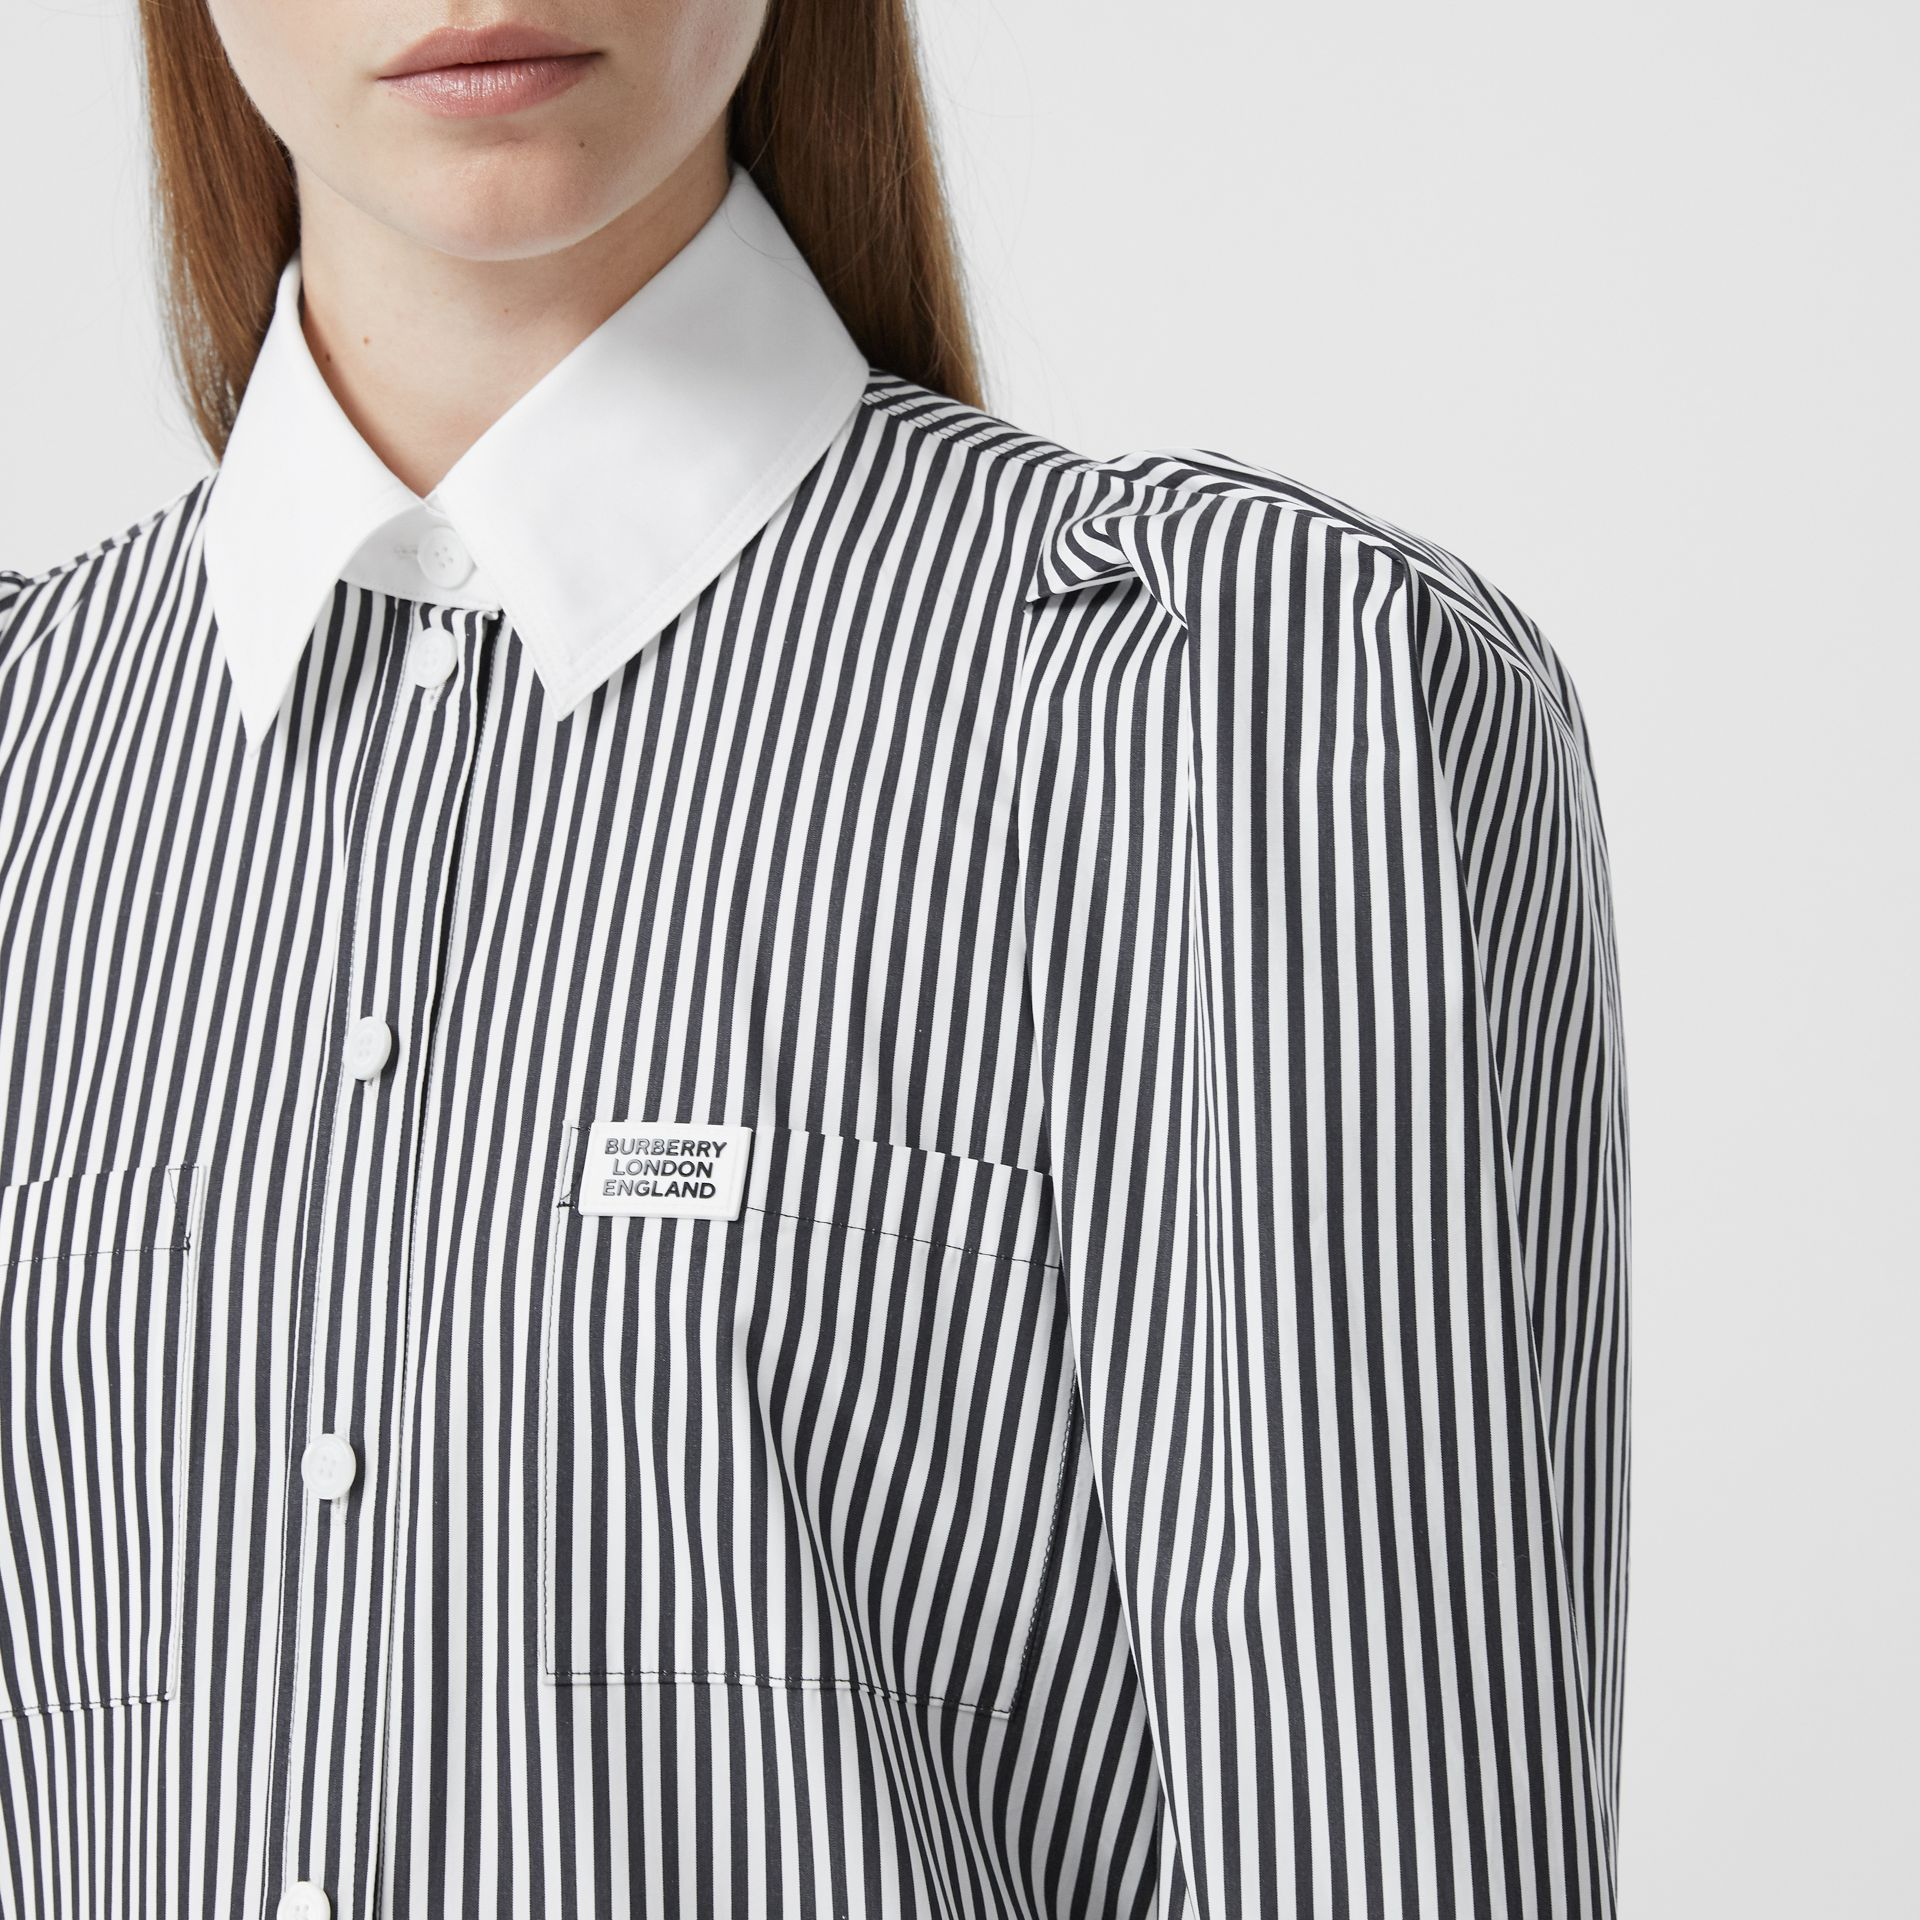 Vestido estilo camisa de popeline de algodão listrado com etiqueta de logotipo (Preto) - Mulheres | Burberry - galeria de imagens 1